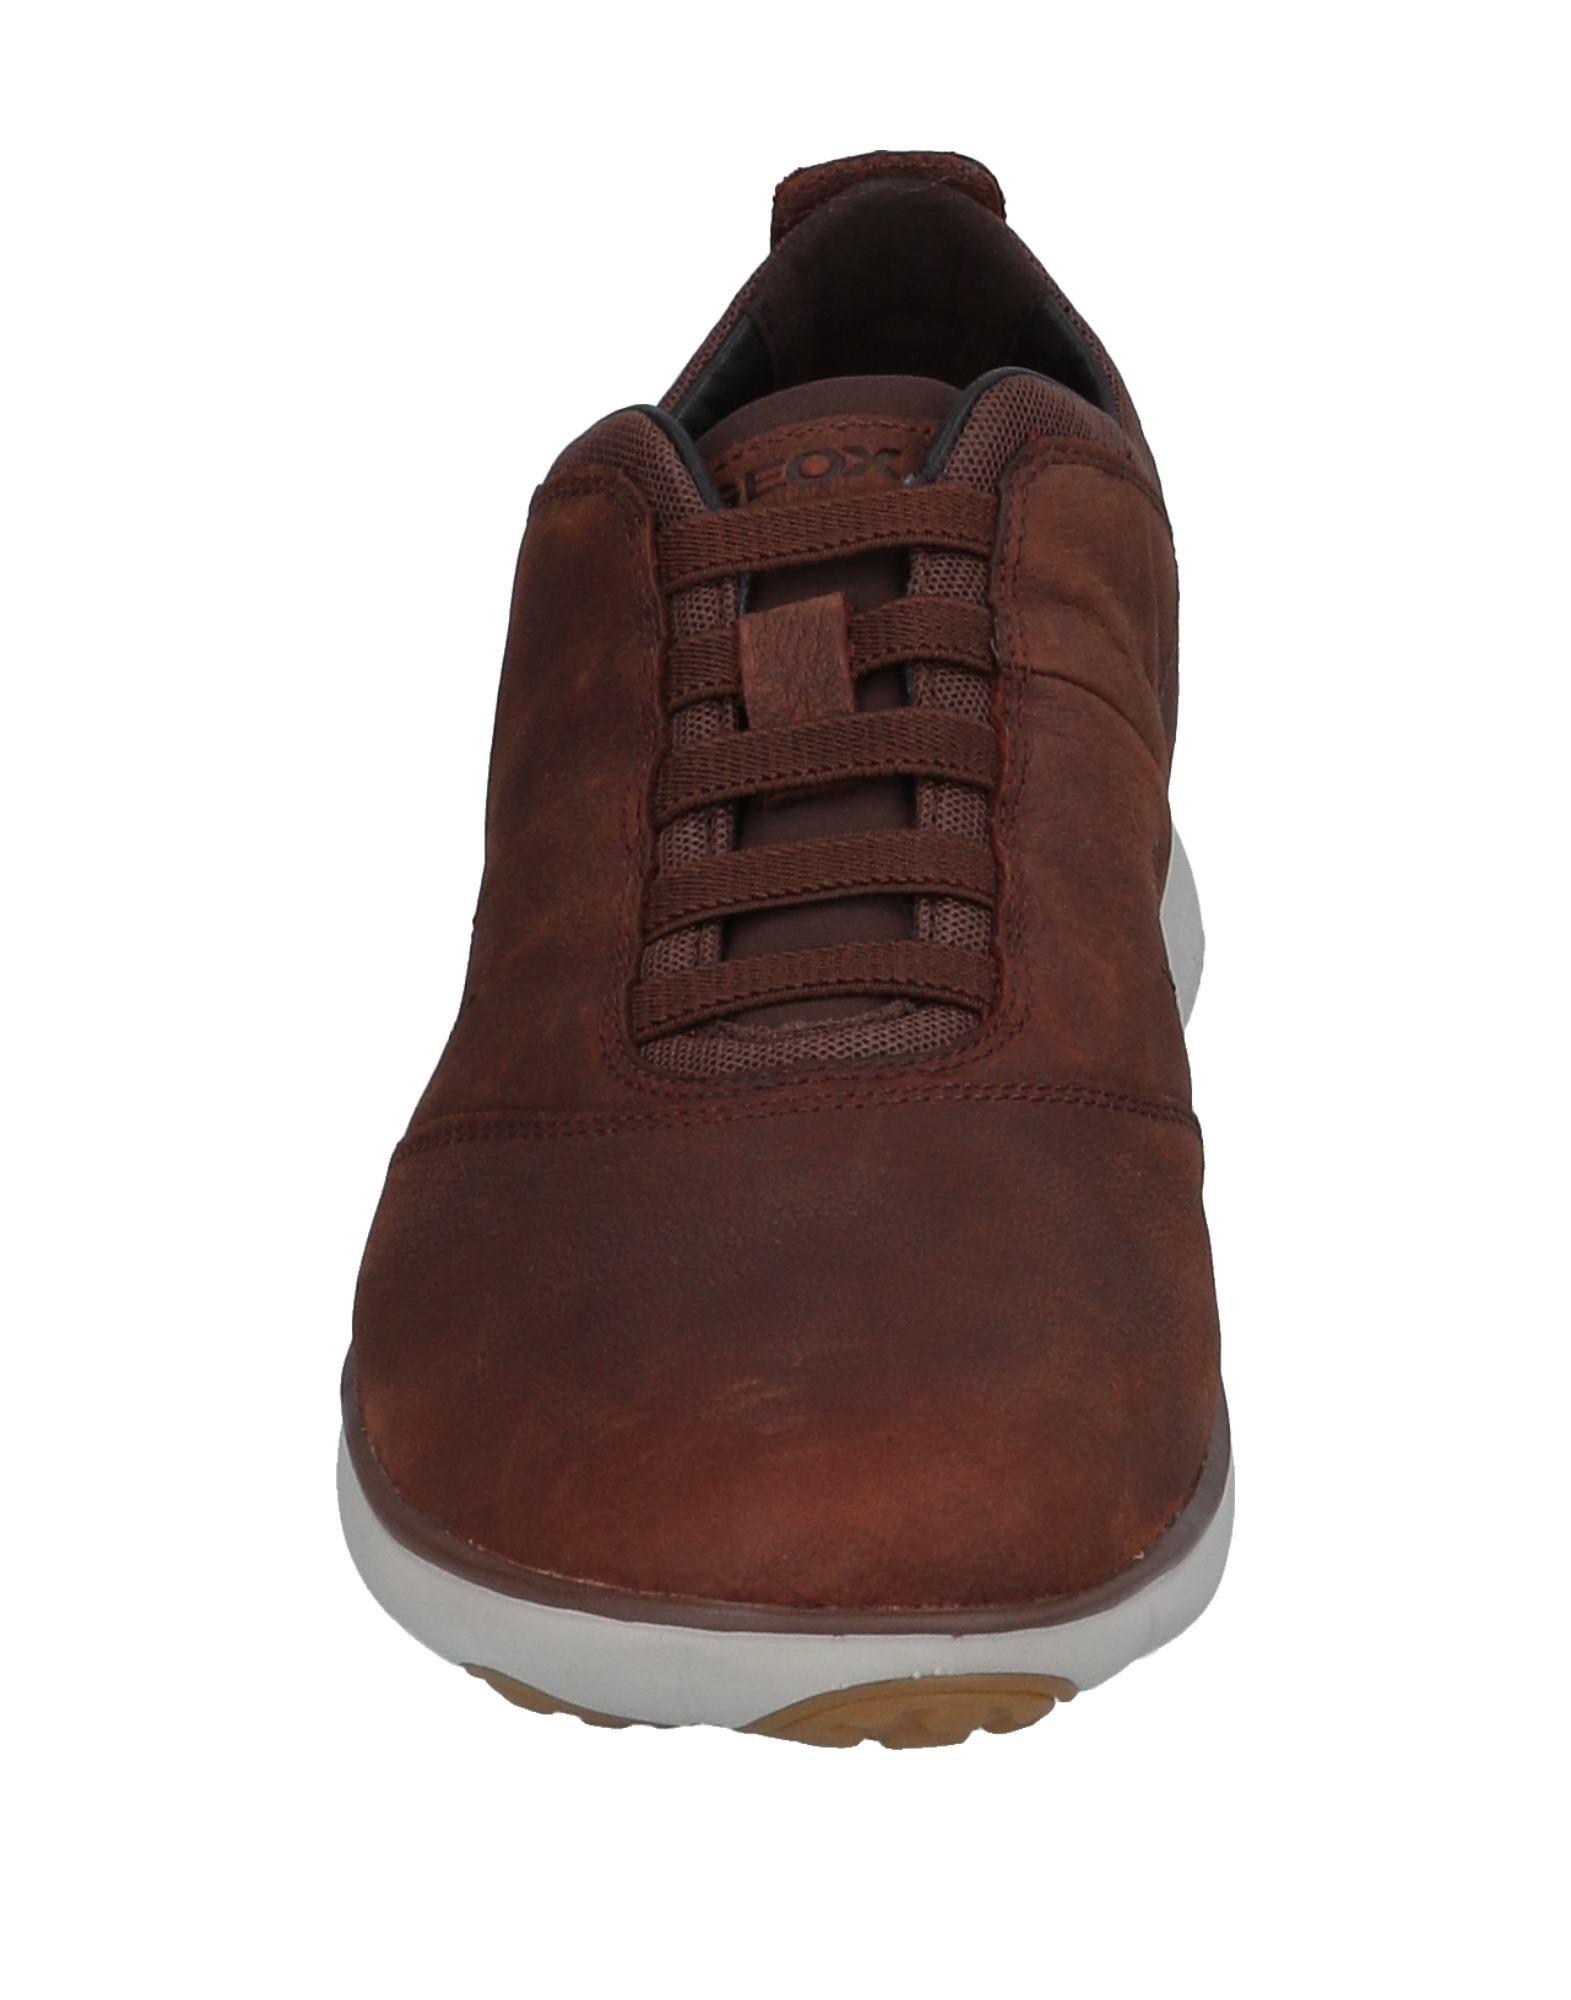 Geox Sneakers Herren  11540942CG 11540942CG  645534